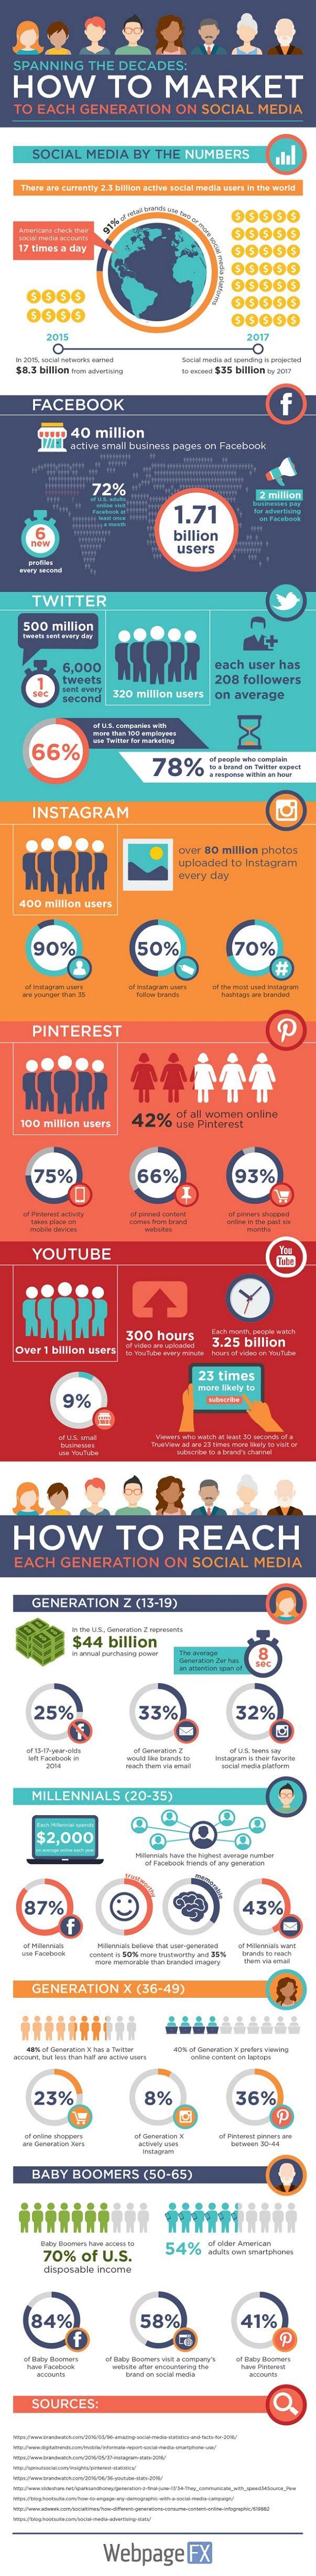 """WebPageFX, """"How to market your business to each age group on social media"""" adlı infografik çalışmasında, güncel sosyal medya istatistikleri ile X,Y,Z ve Baby Boomers kuşaklarının sosyal medya tercihlerine yer veriyor. #sosyalmedya #socialbusiness #infografik #infographic #socialmedia #marketing #pazarlama #x #y #z #generation #socialmediamarketing #contentmarketing"""